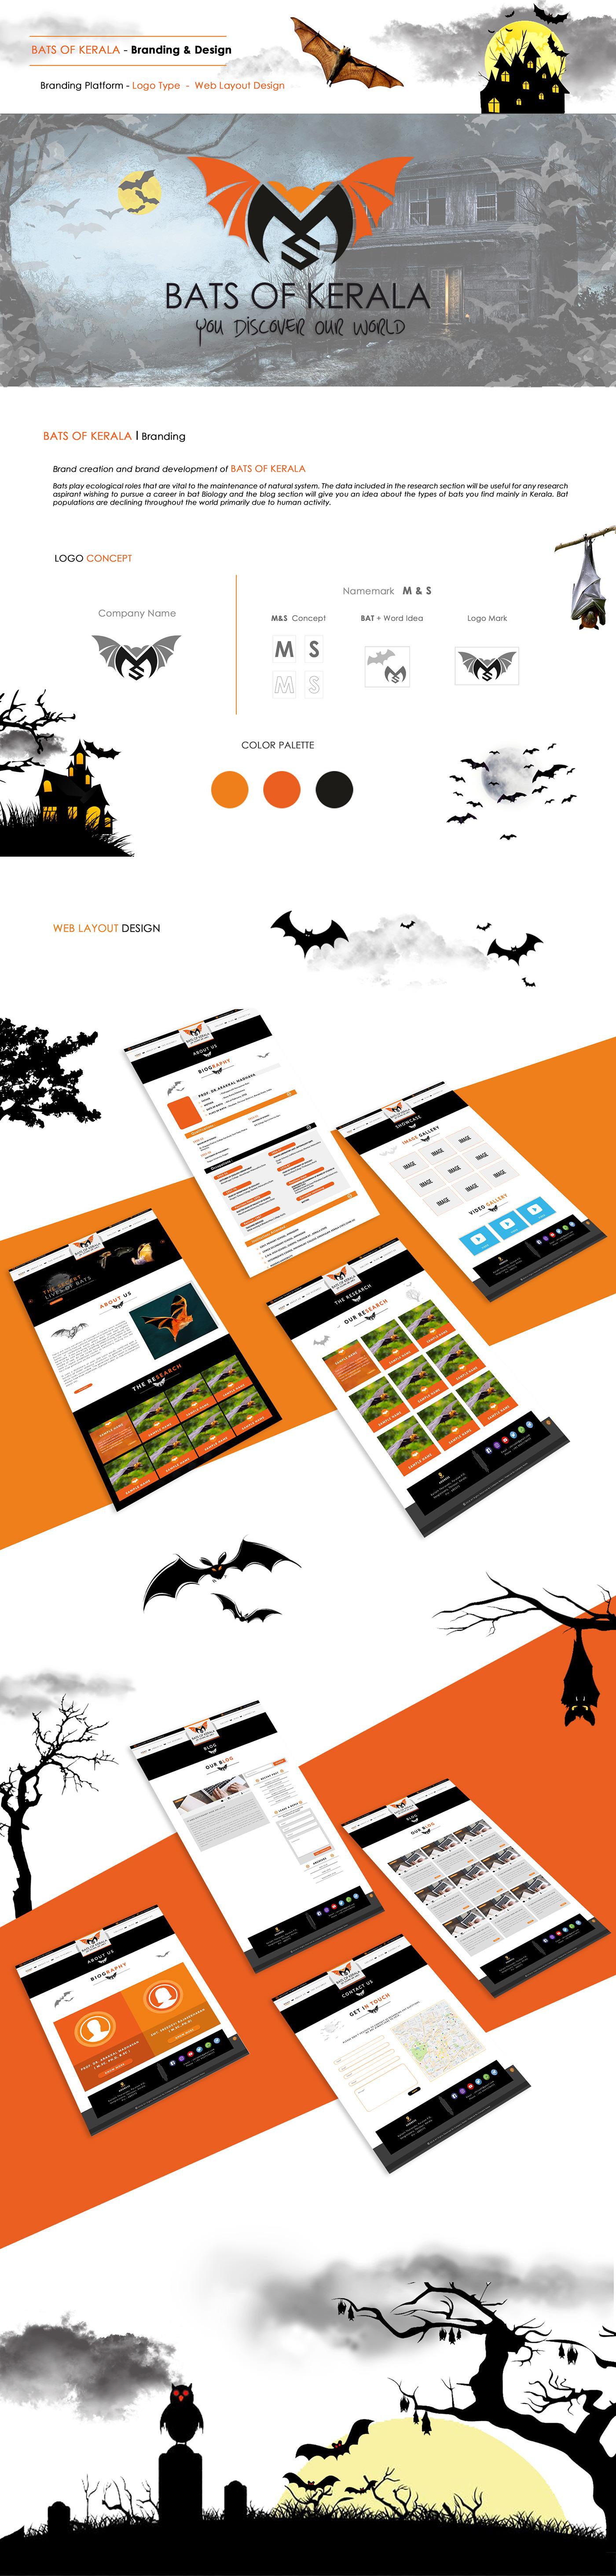 Bats kerala visual logo ILLUSTRATION  color Website art concept graphics